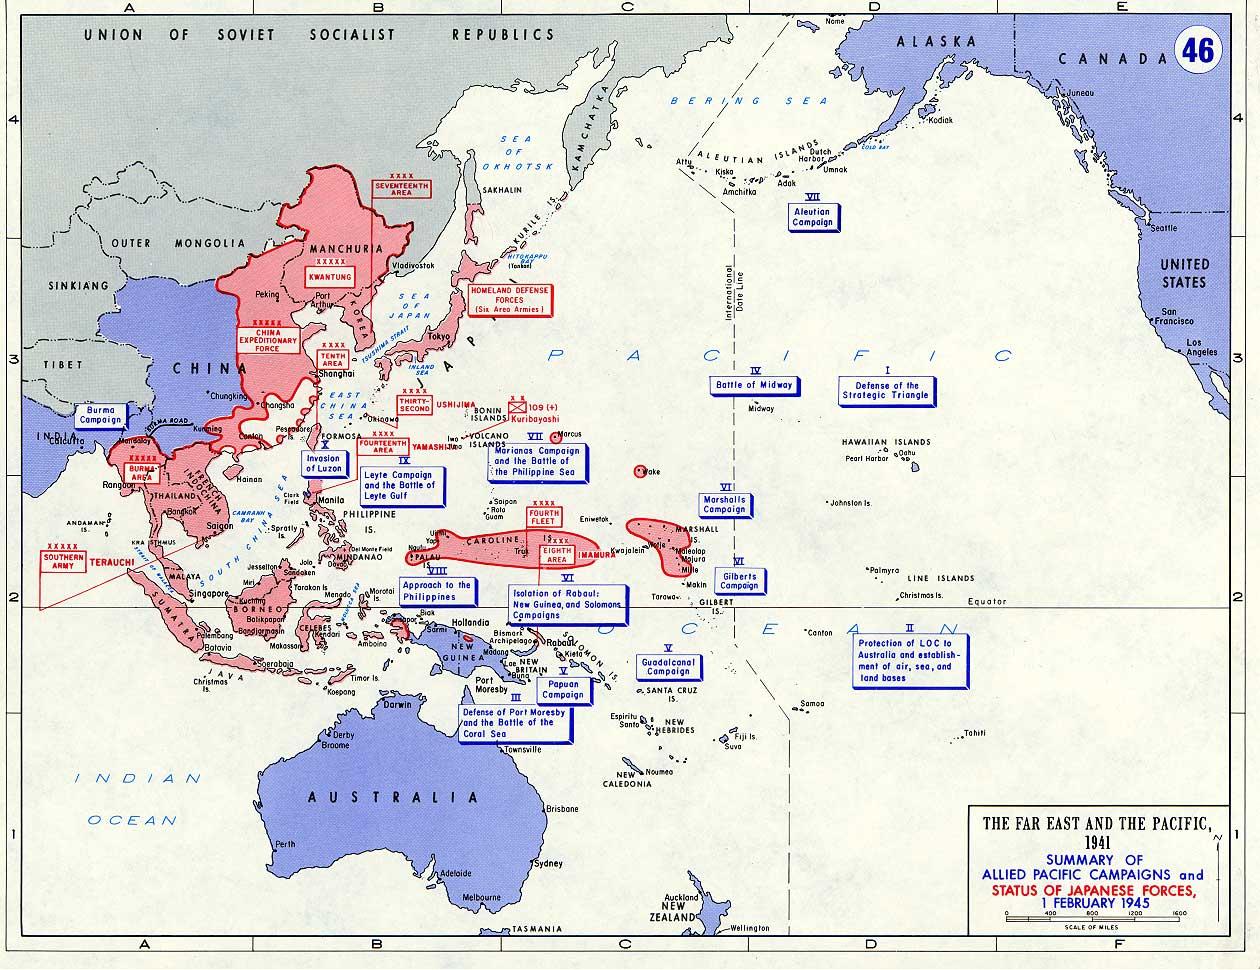 日本地?_为什么二战日本不全面进攻英国殖民地而是找美国开战